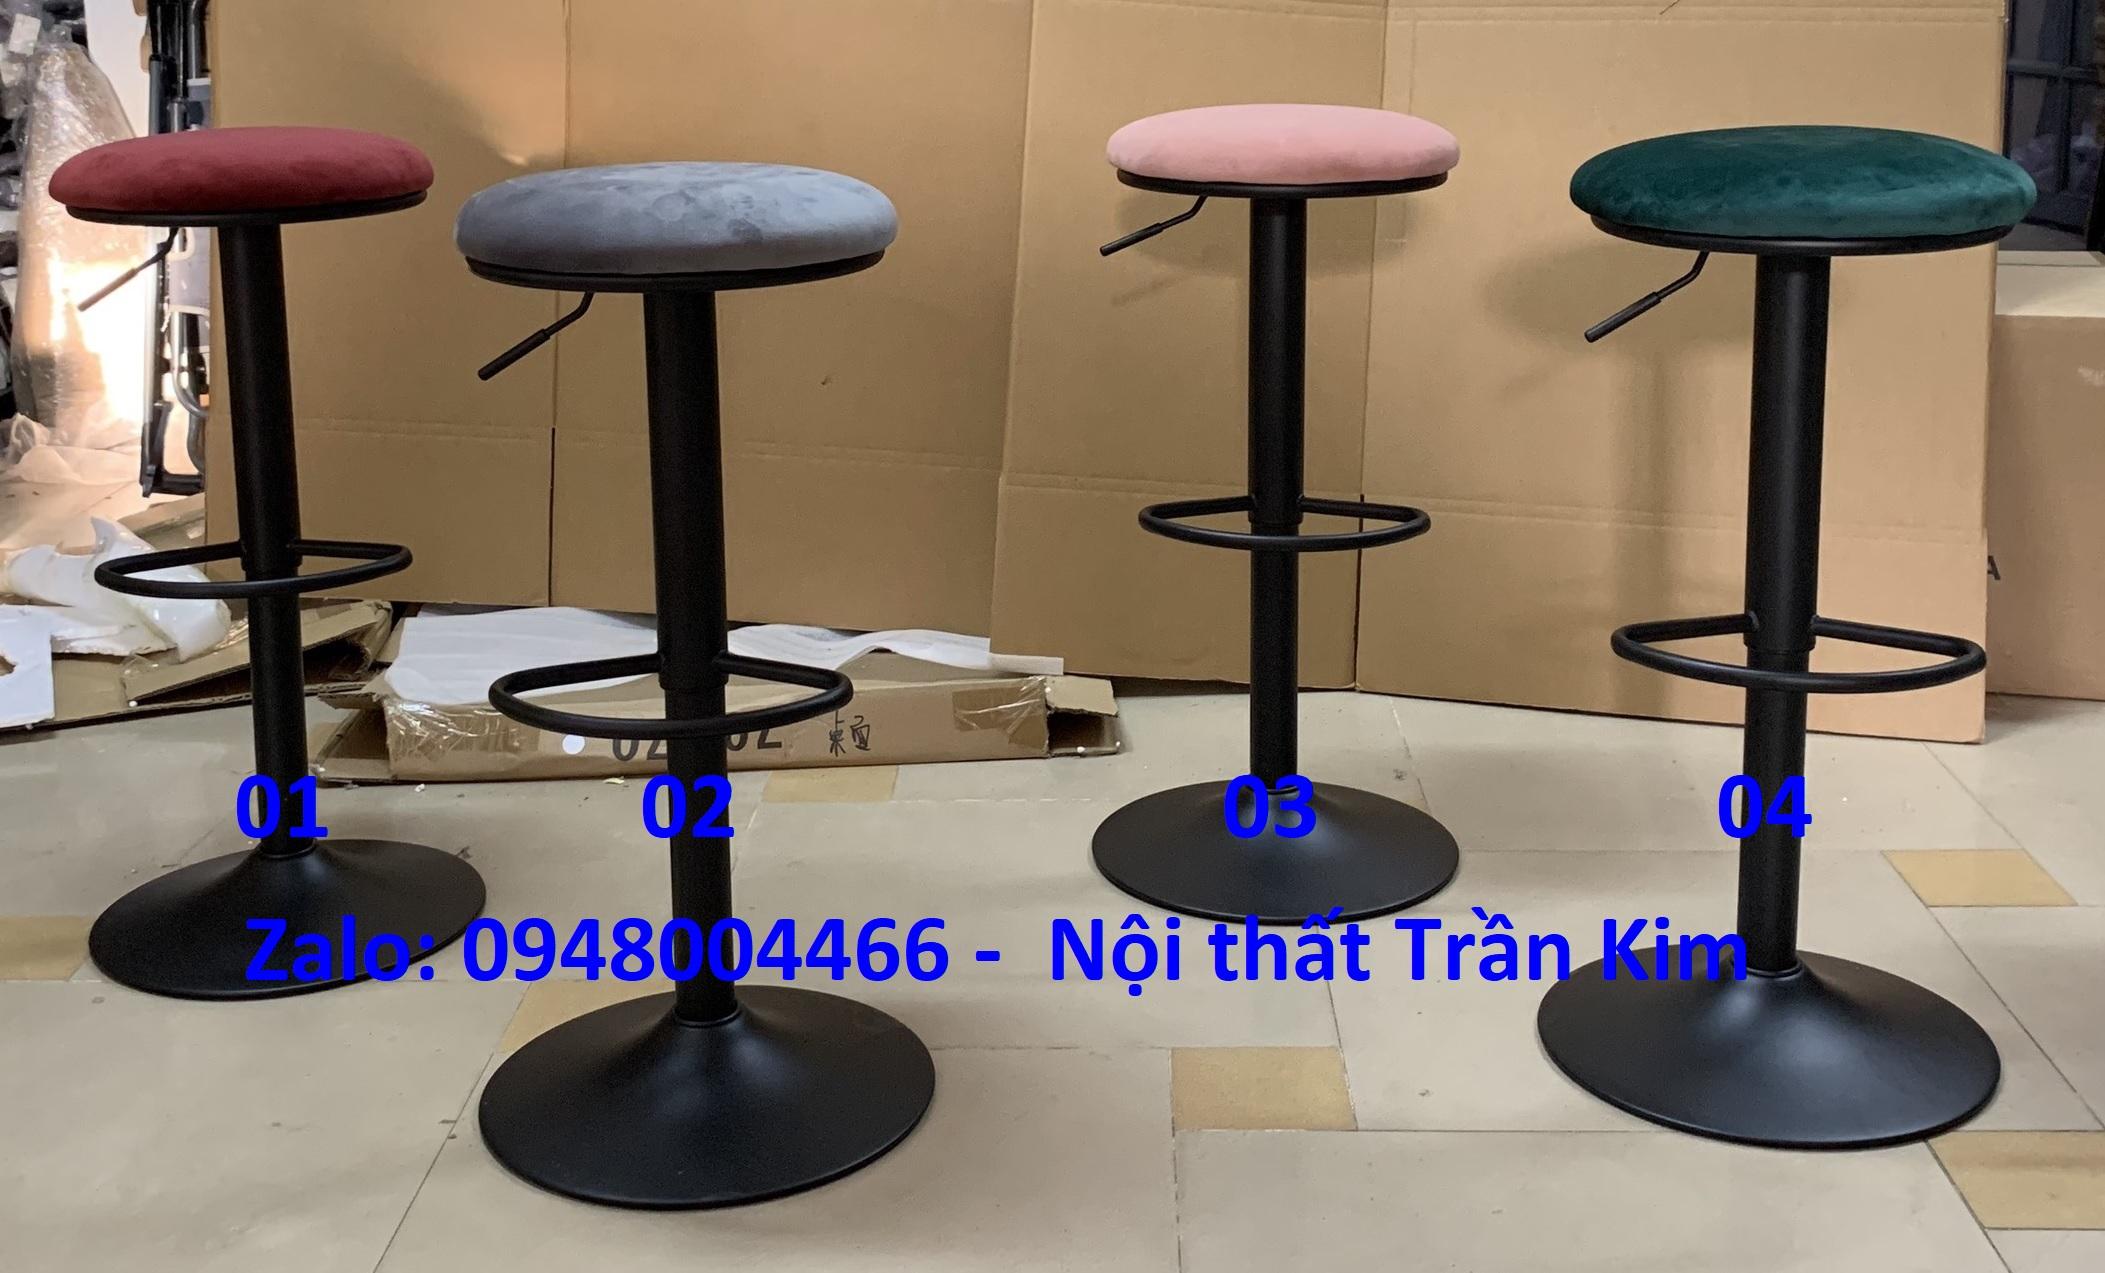 Ghế quầy bar tg5103s